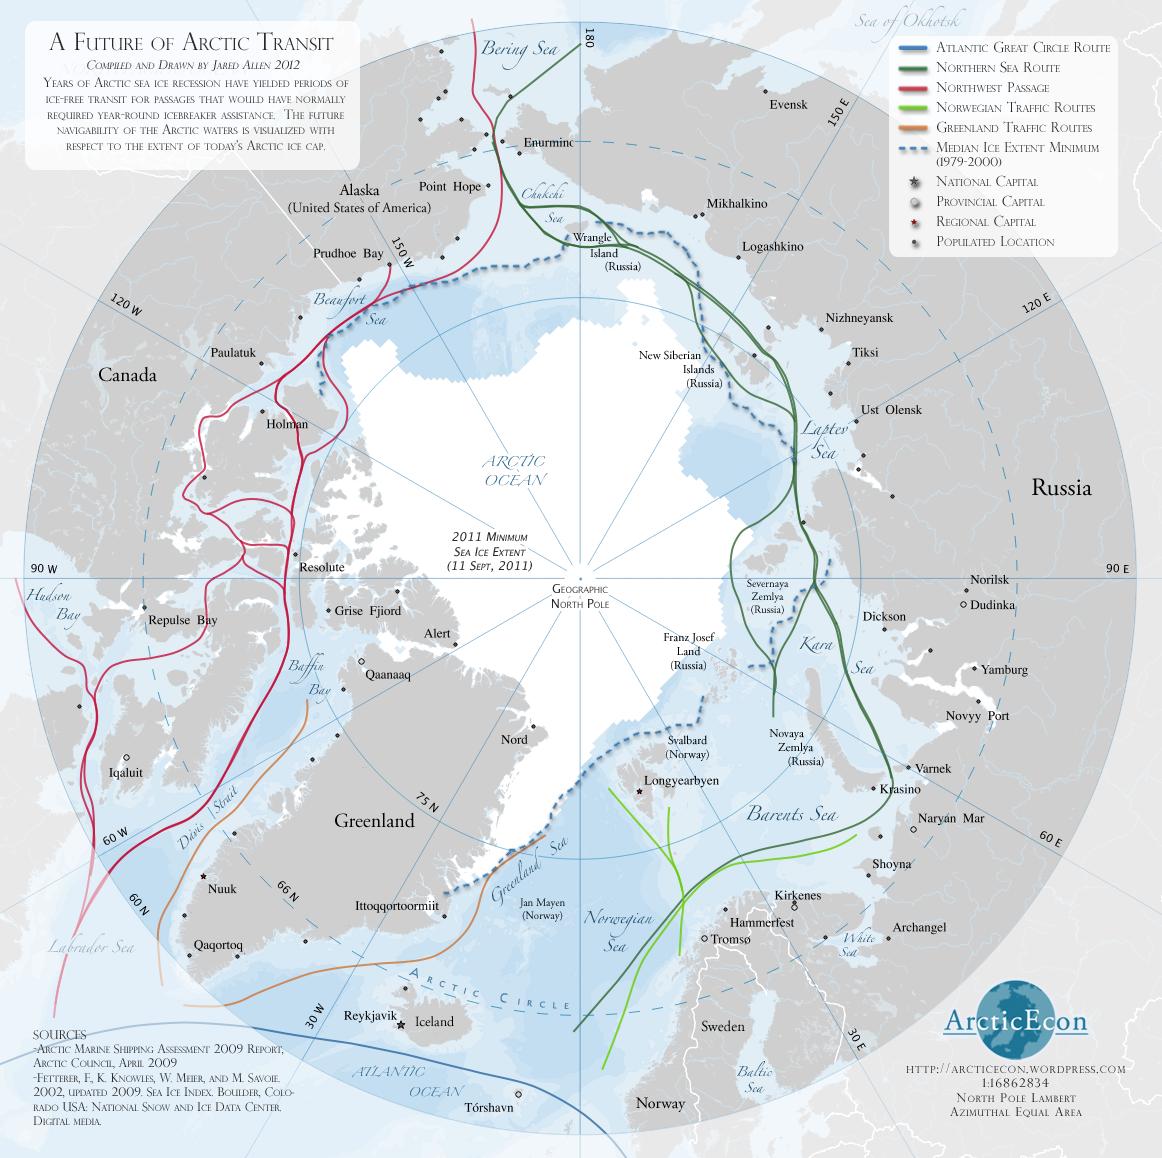 Futures routes arctiques d'après Arctic Econ